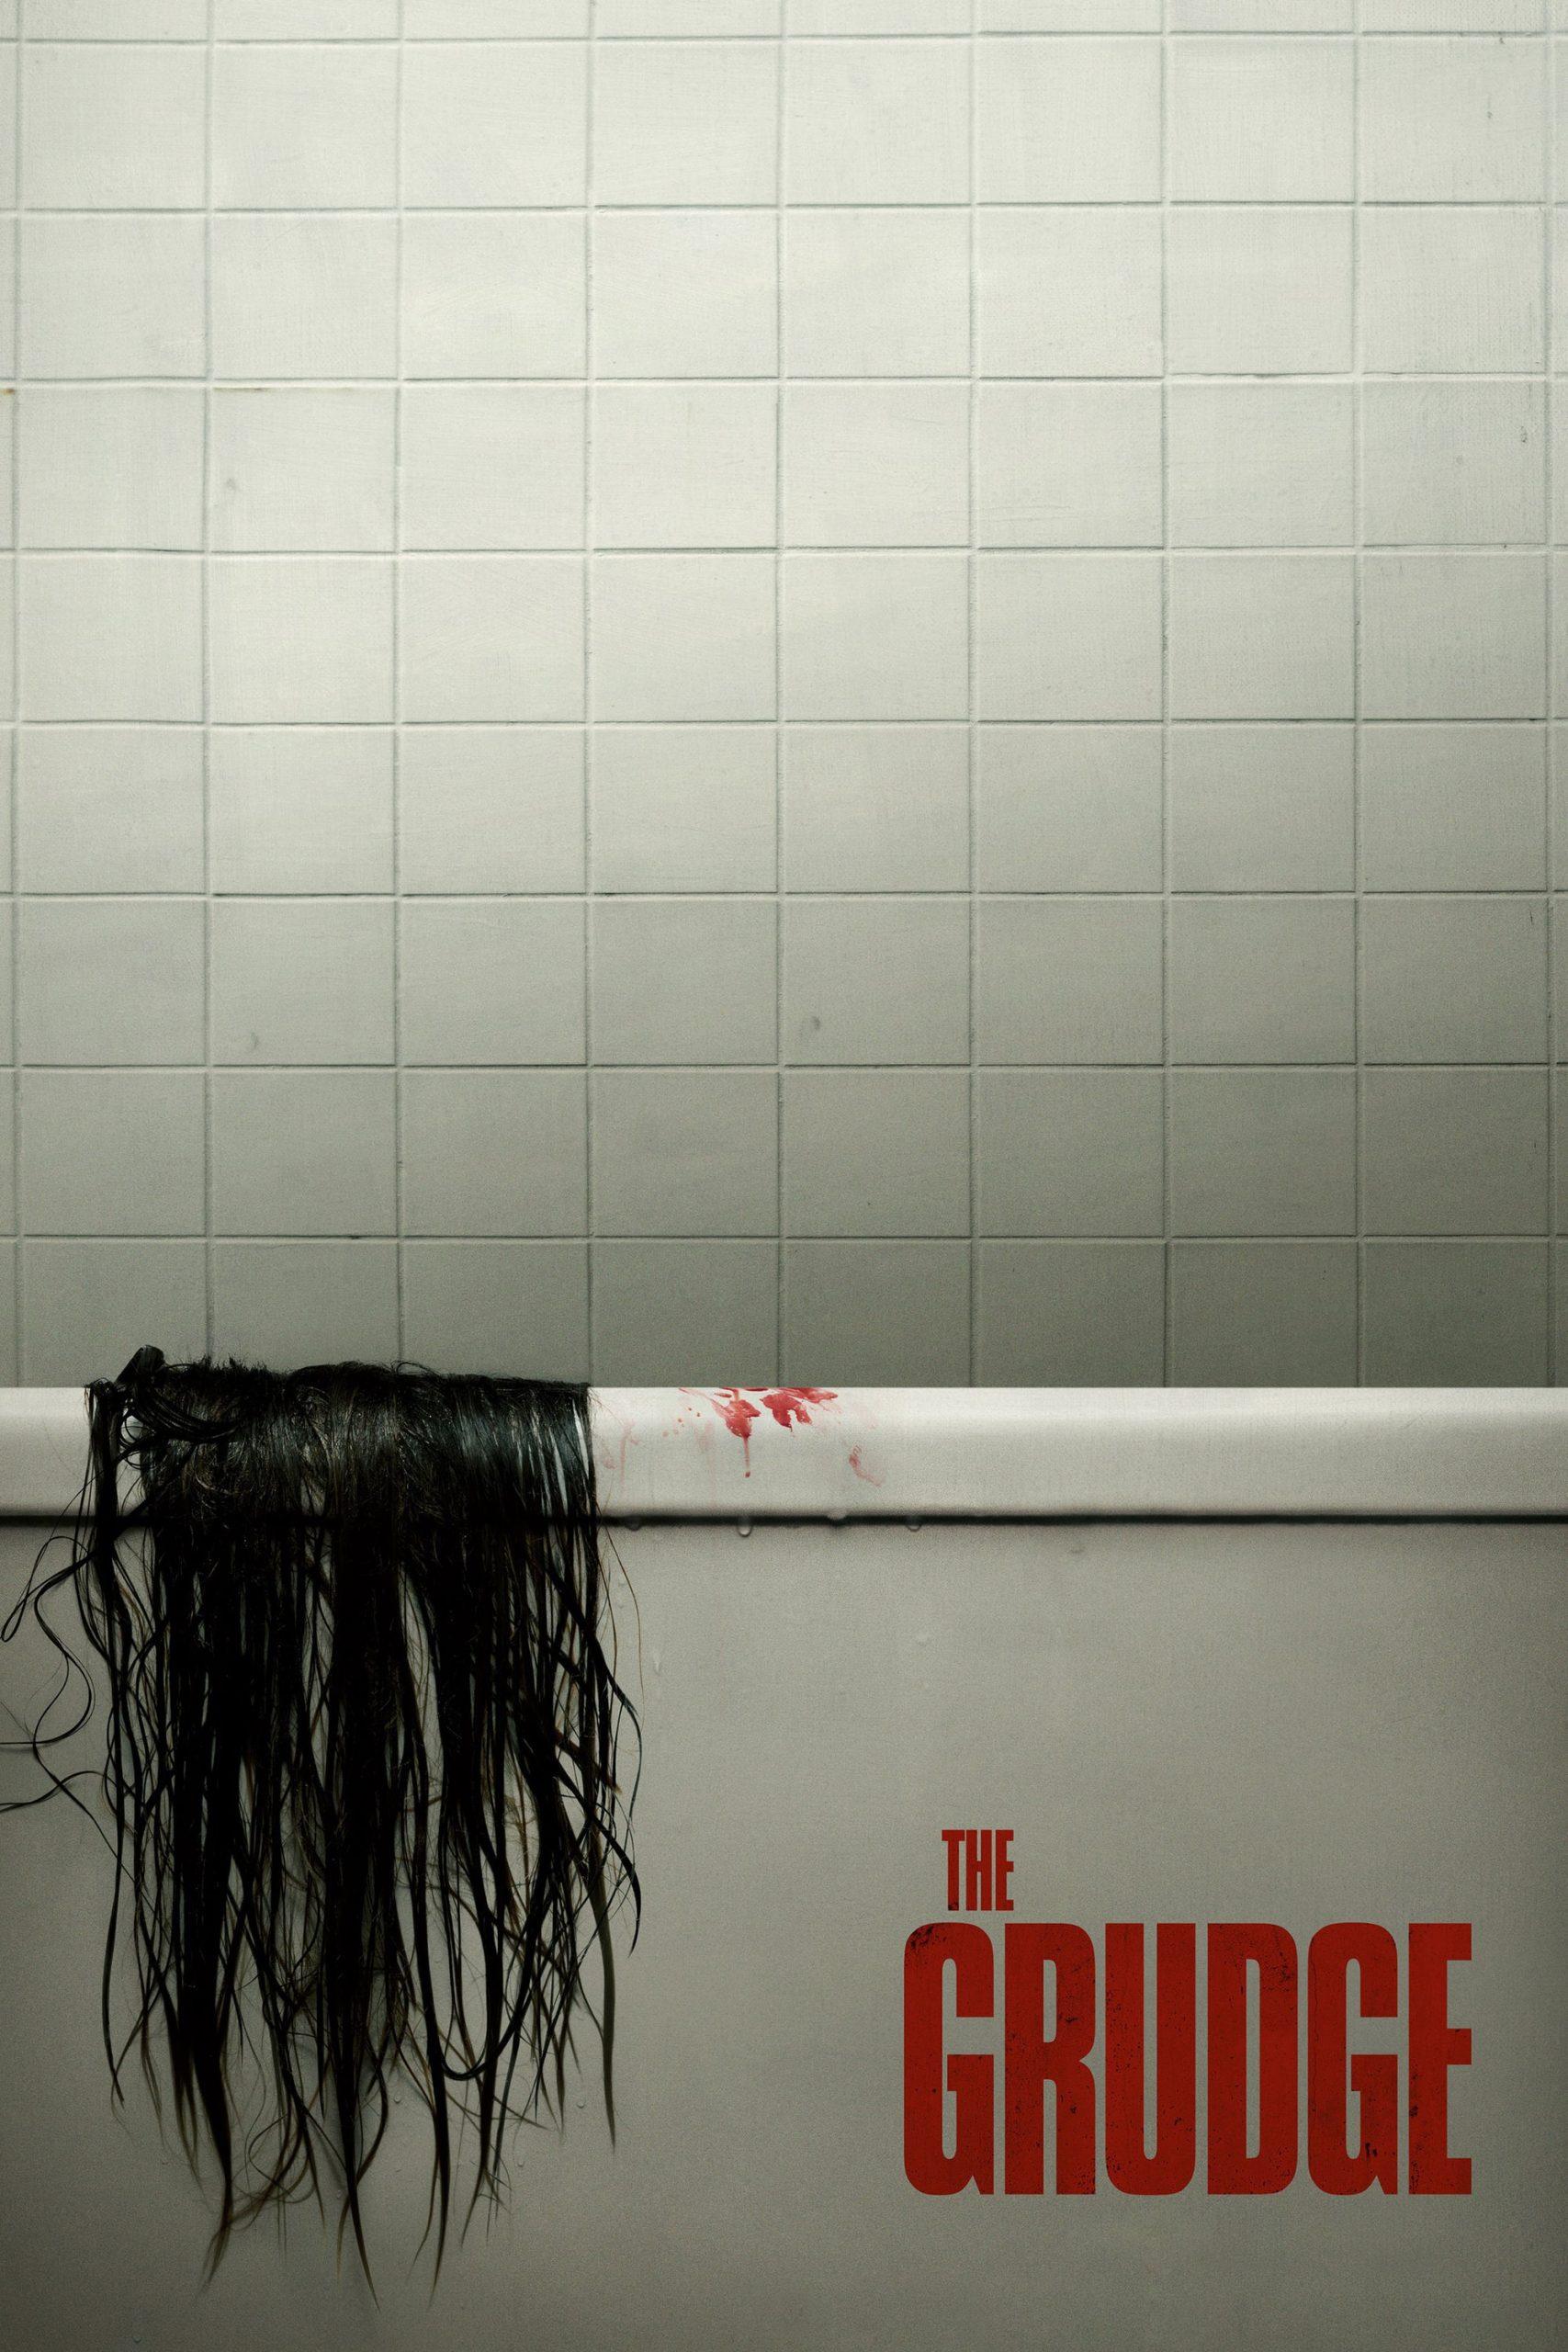 دانلود فیلم The Grudge 2004 با دوبله فارسی